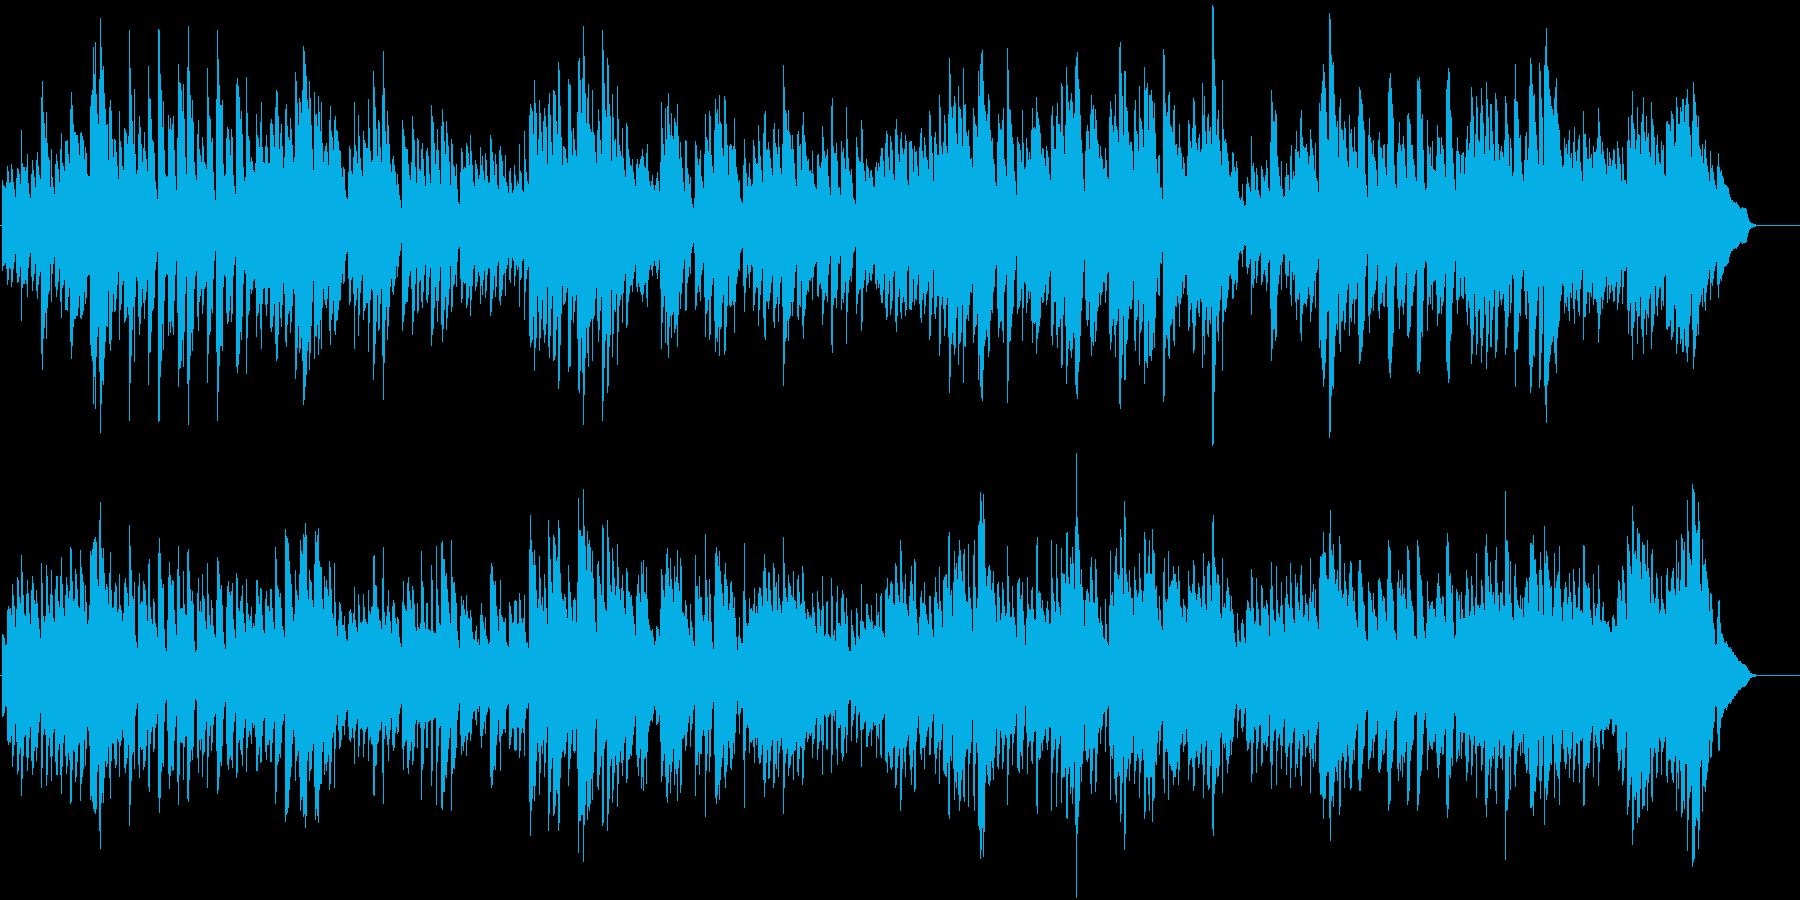 バッハ_インヴェンション第3番_ピアノの再生済みの波形